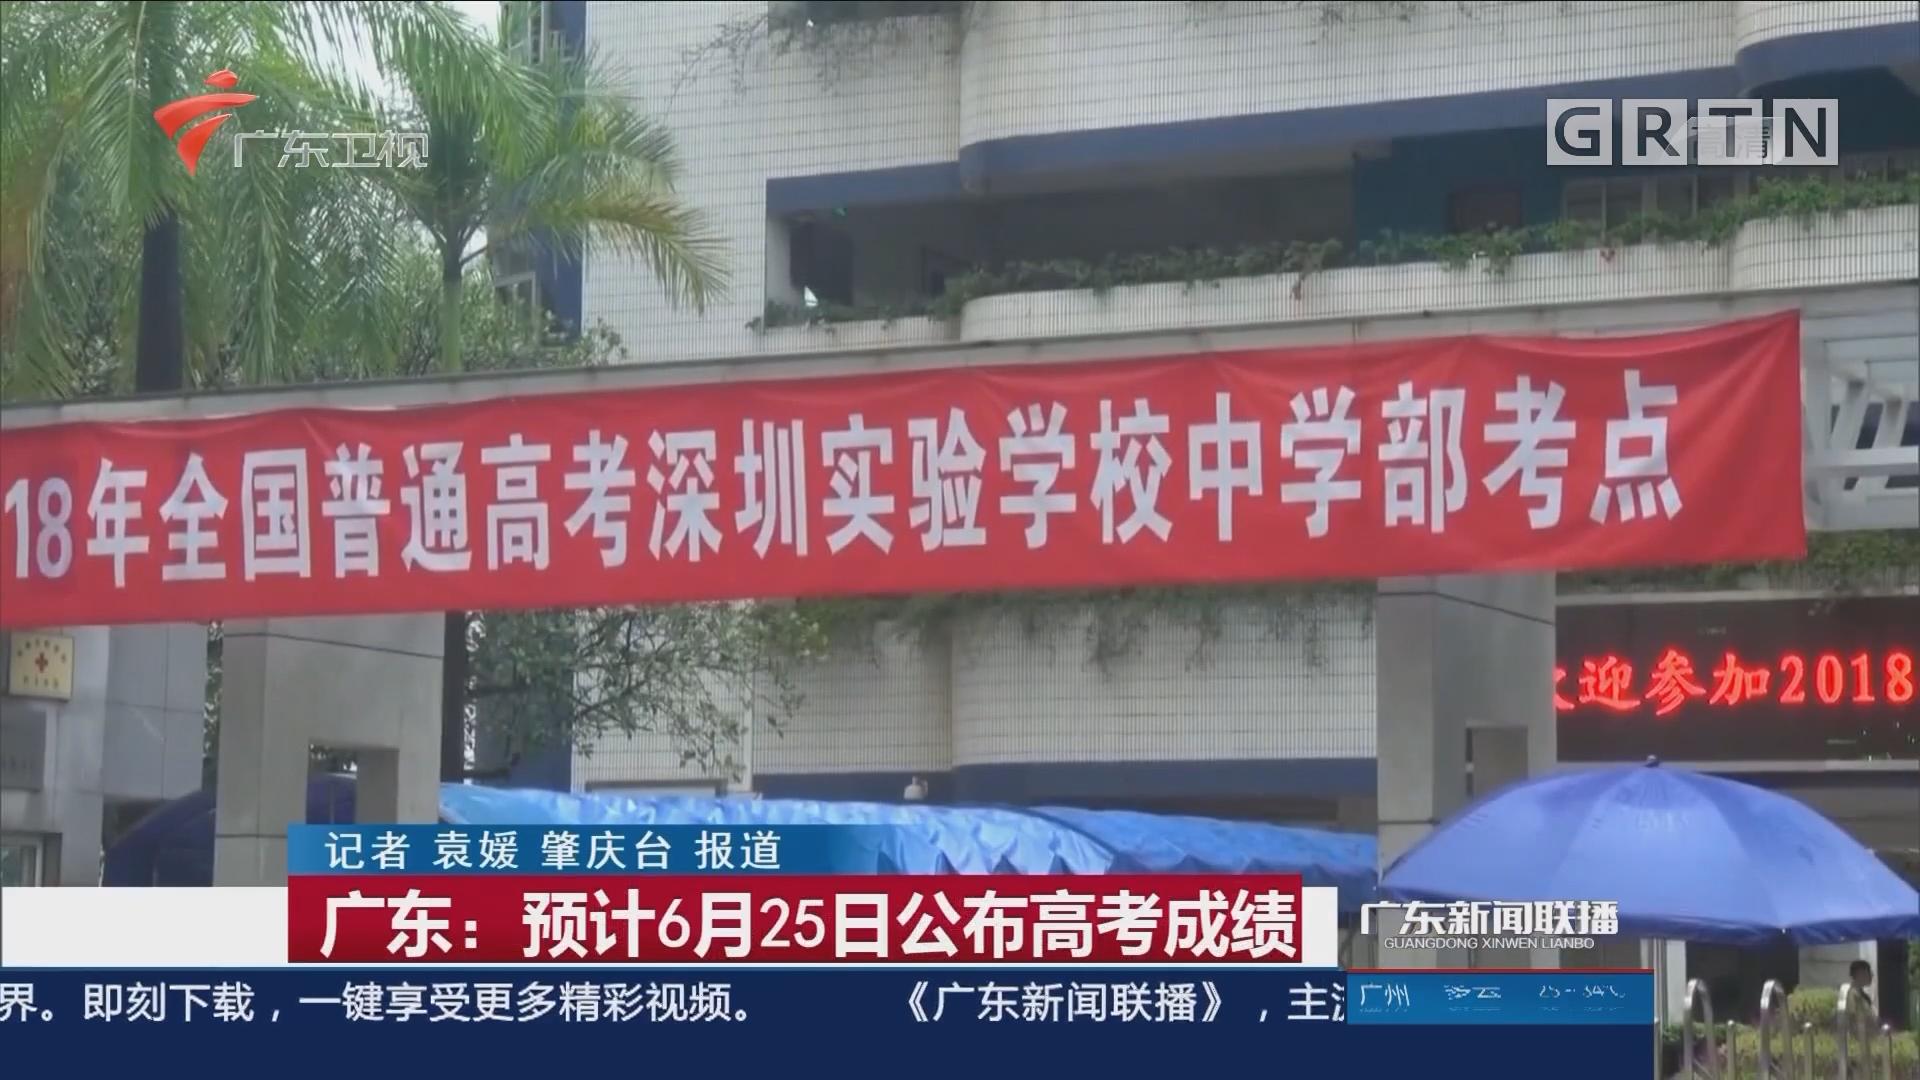 广东:预计6月25日公布高考成绩